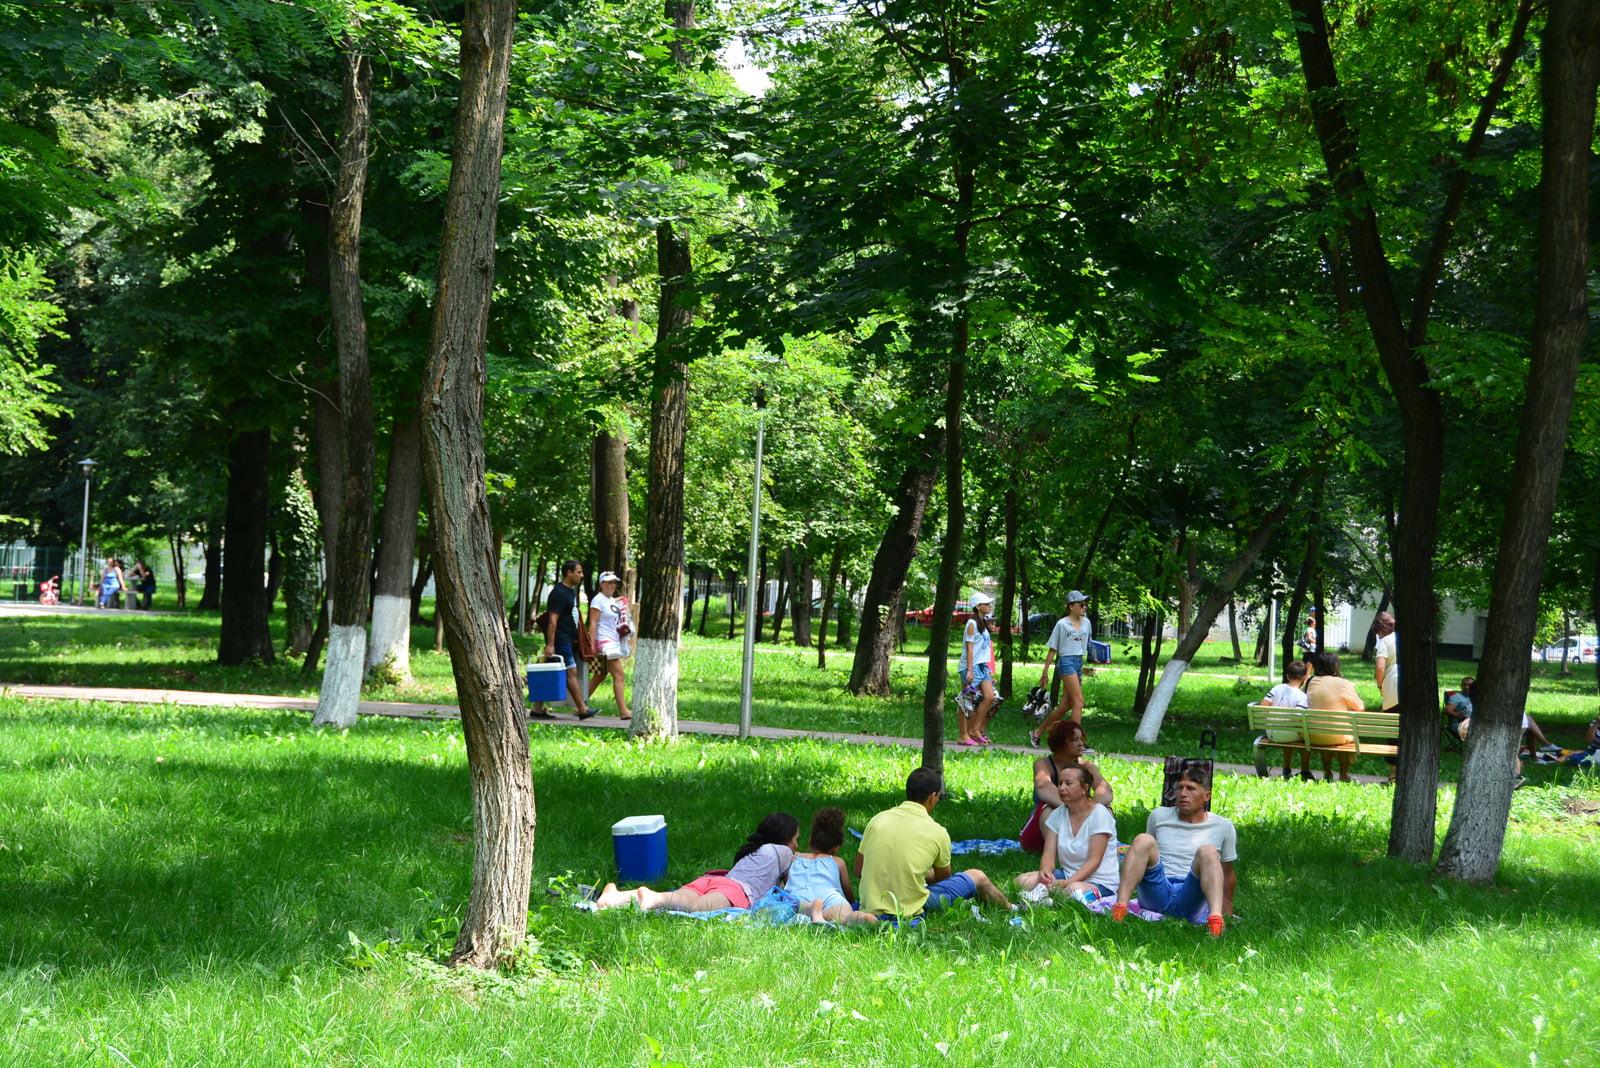 Programul activităților pregătite pentru picnicul din Parcul municipal de duminică, 14 iulie